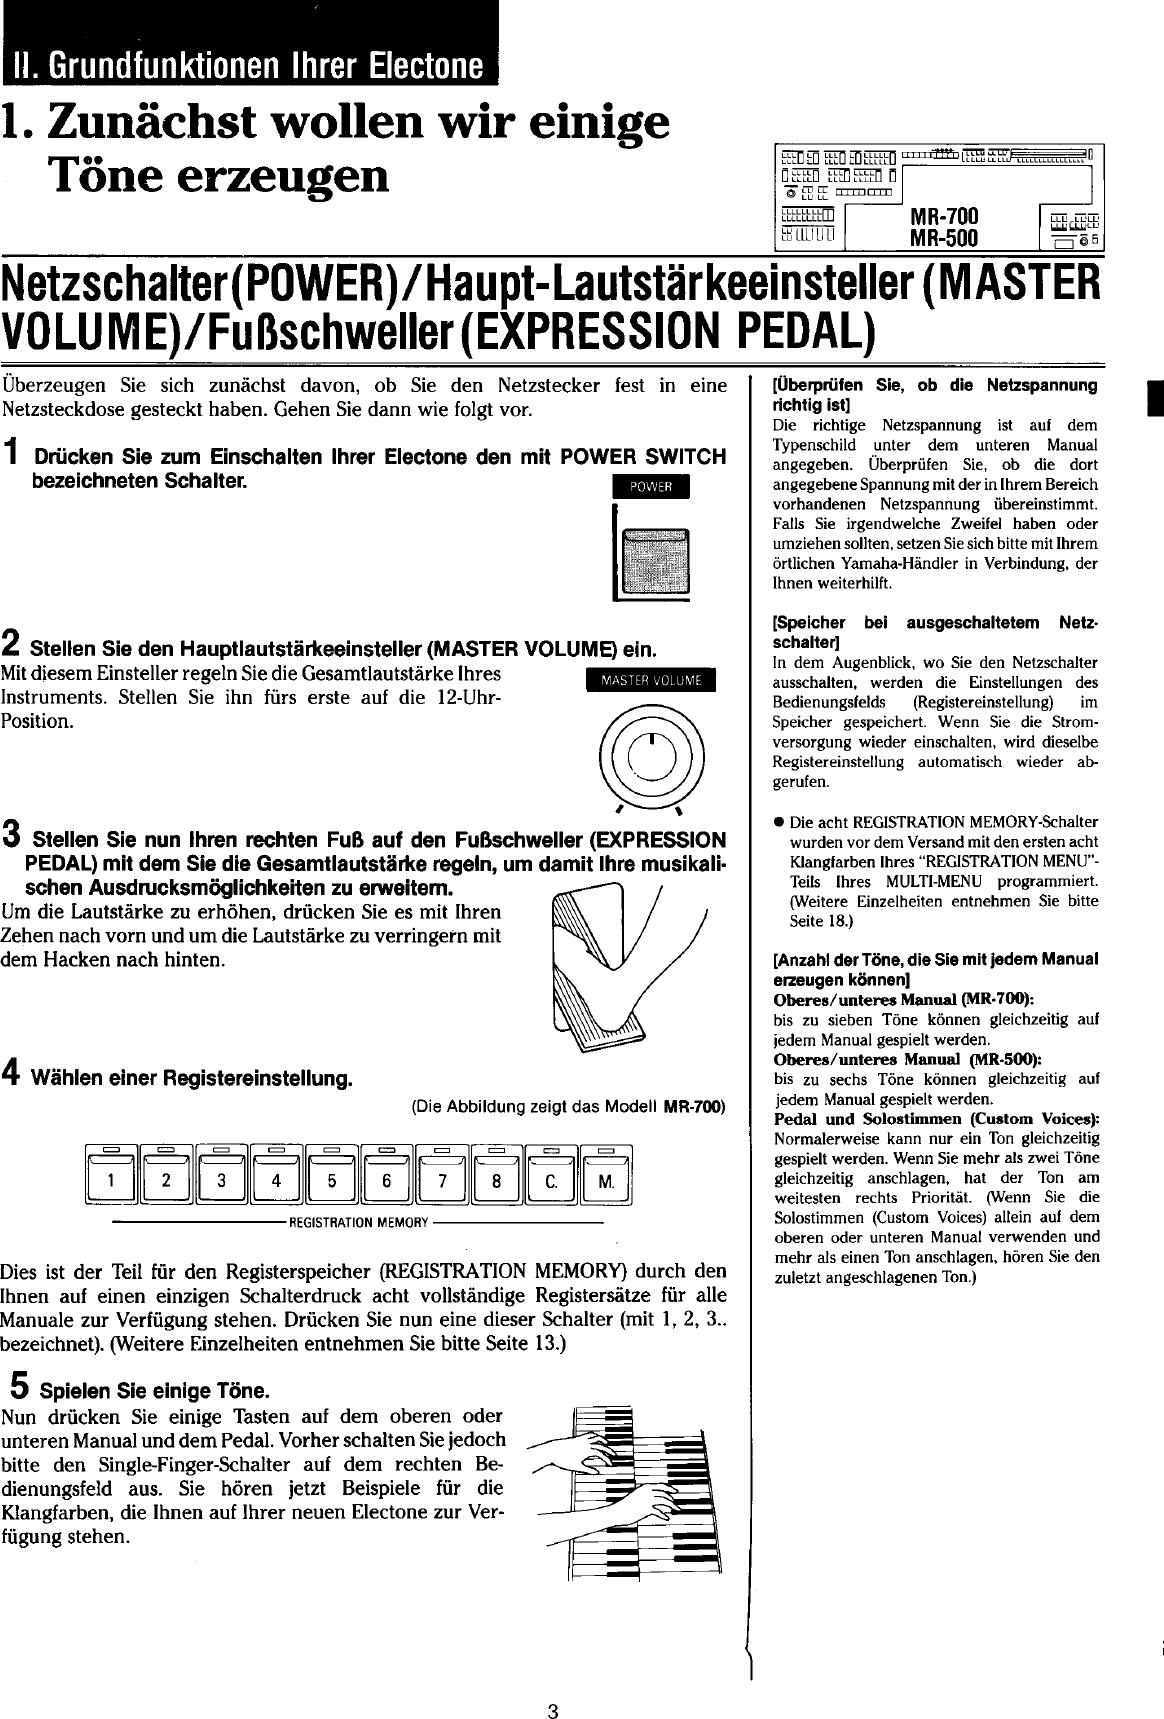 Yamaha MR 700/MR 500 Owner's Manual (Image) MR700G